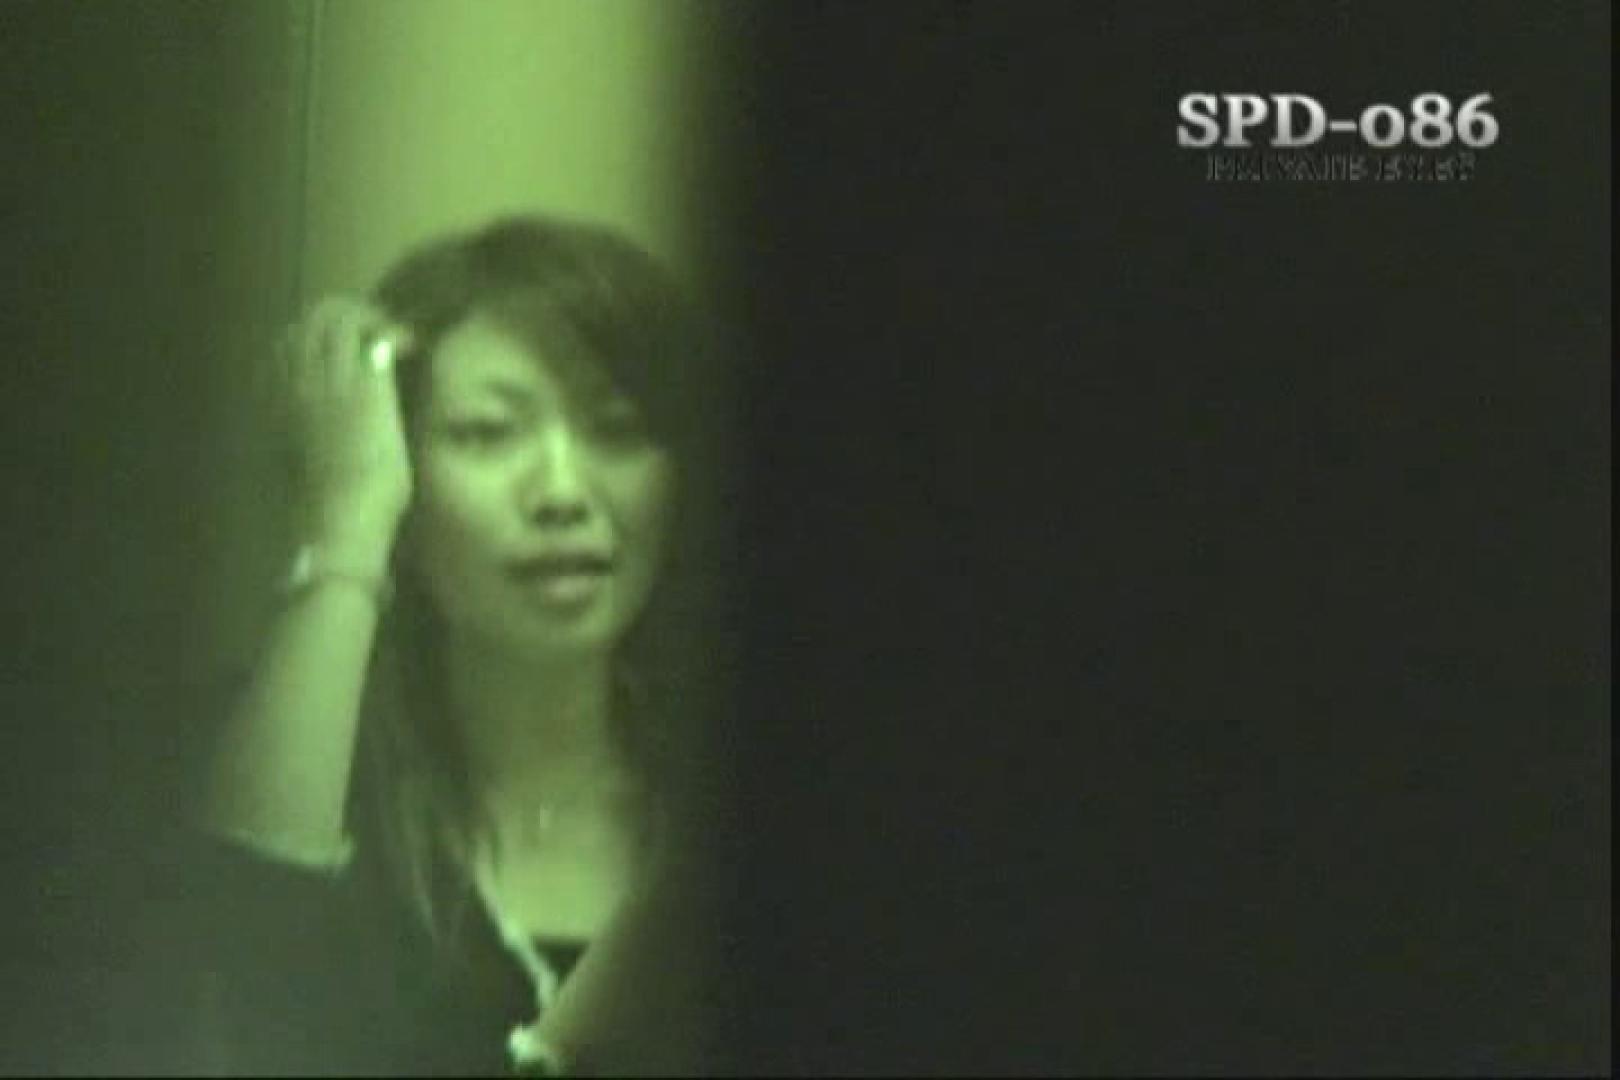 高画質版!SPD-086 盗撮・厠の隙間 3 ~厠盗撮に革命前代未分の映像~ 厠・・・ アダルト動画キャプチャ 97PIX 2